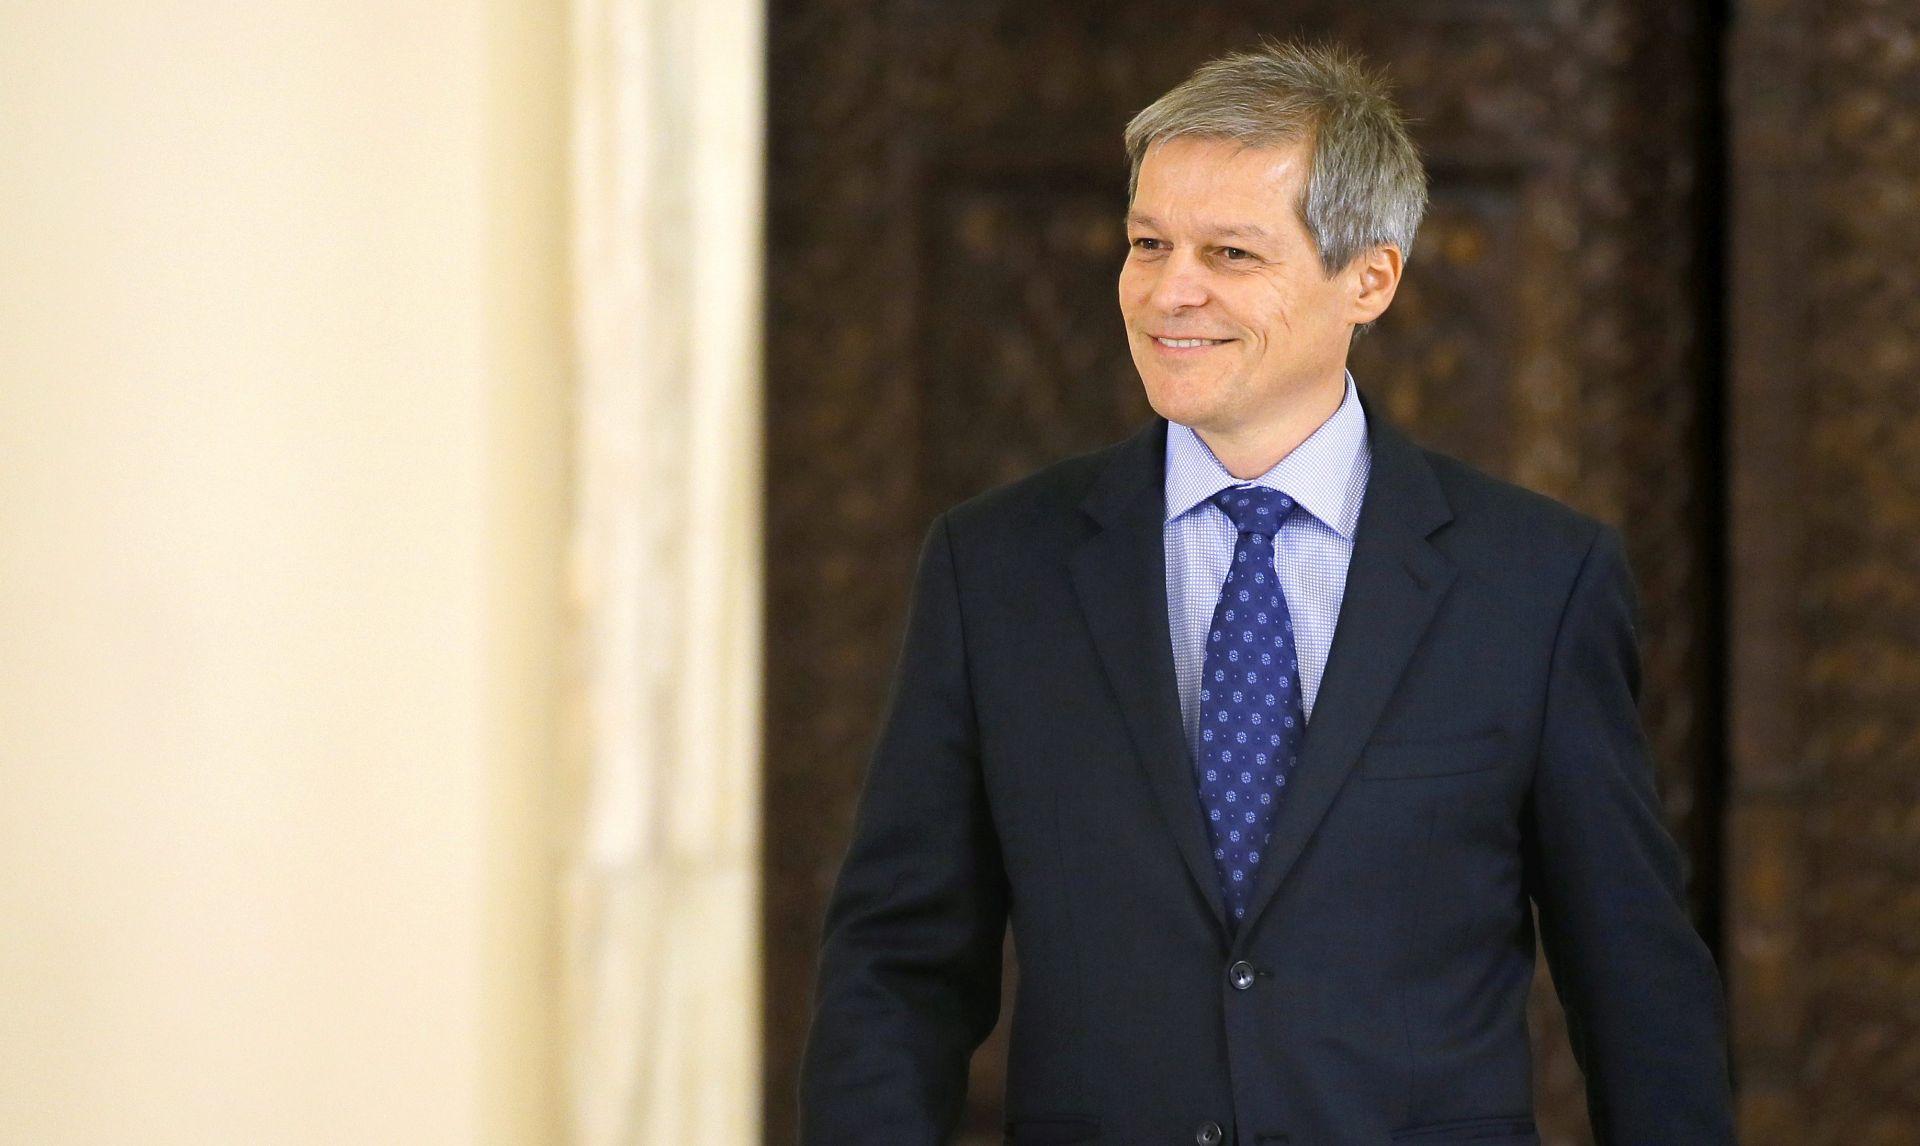 NOVI PREMIJER NAKON OSTAVKE PONTEA: Novim premijerom imenovan Dacian Ciolos